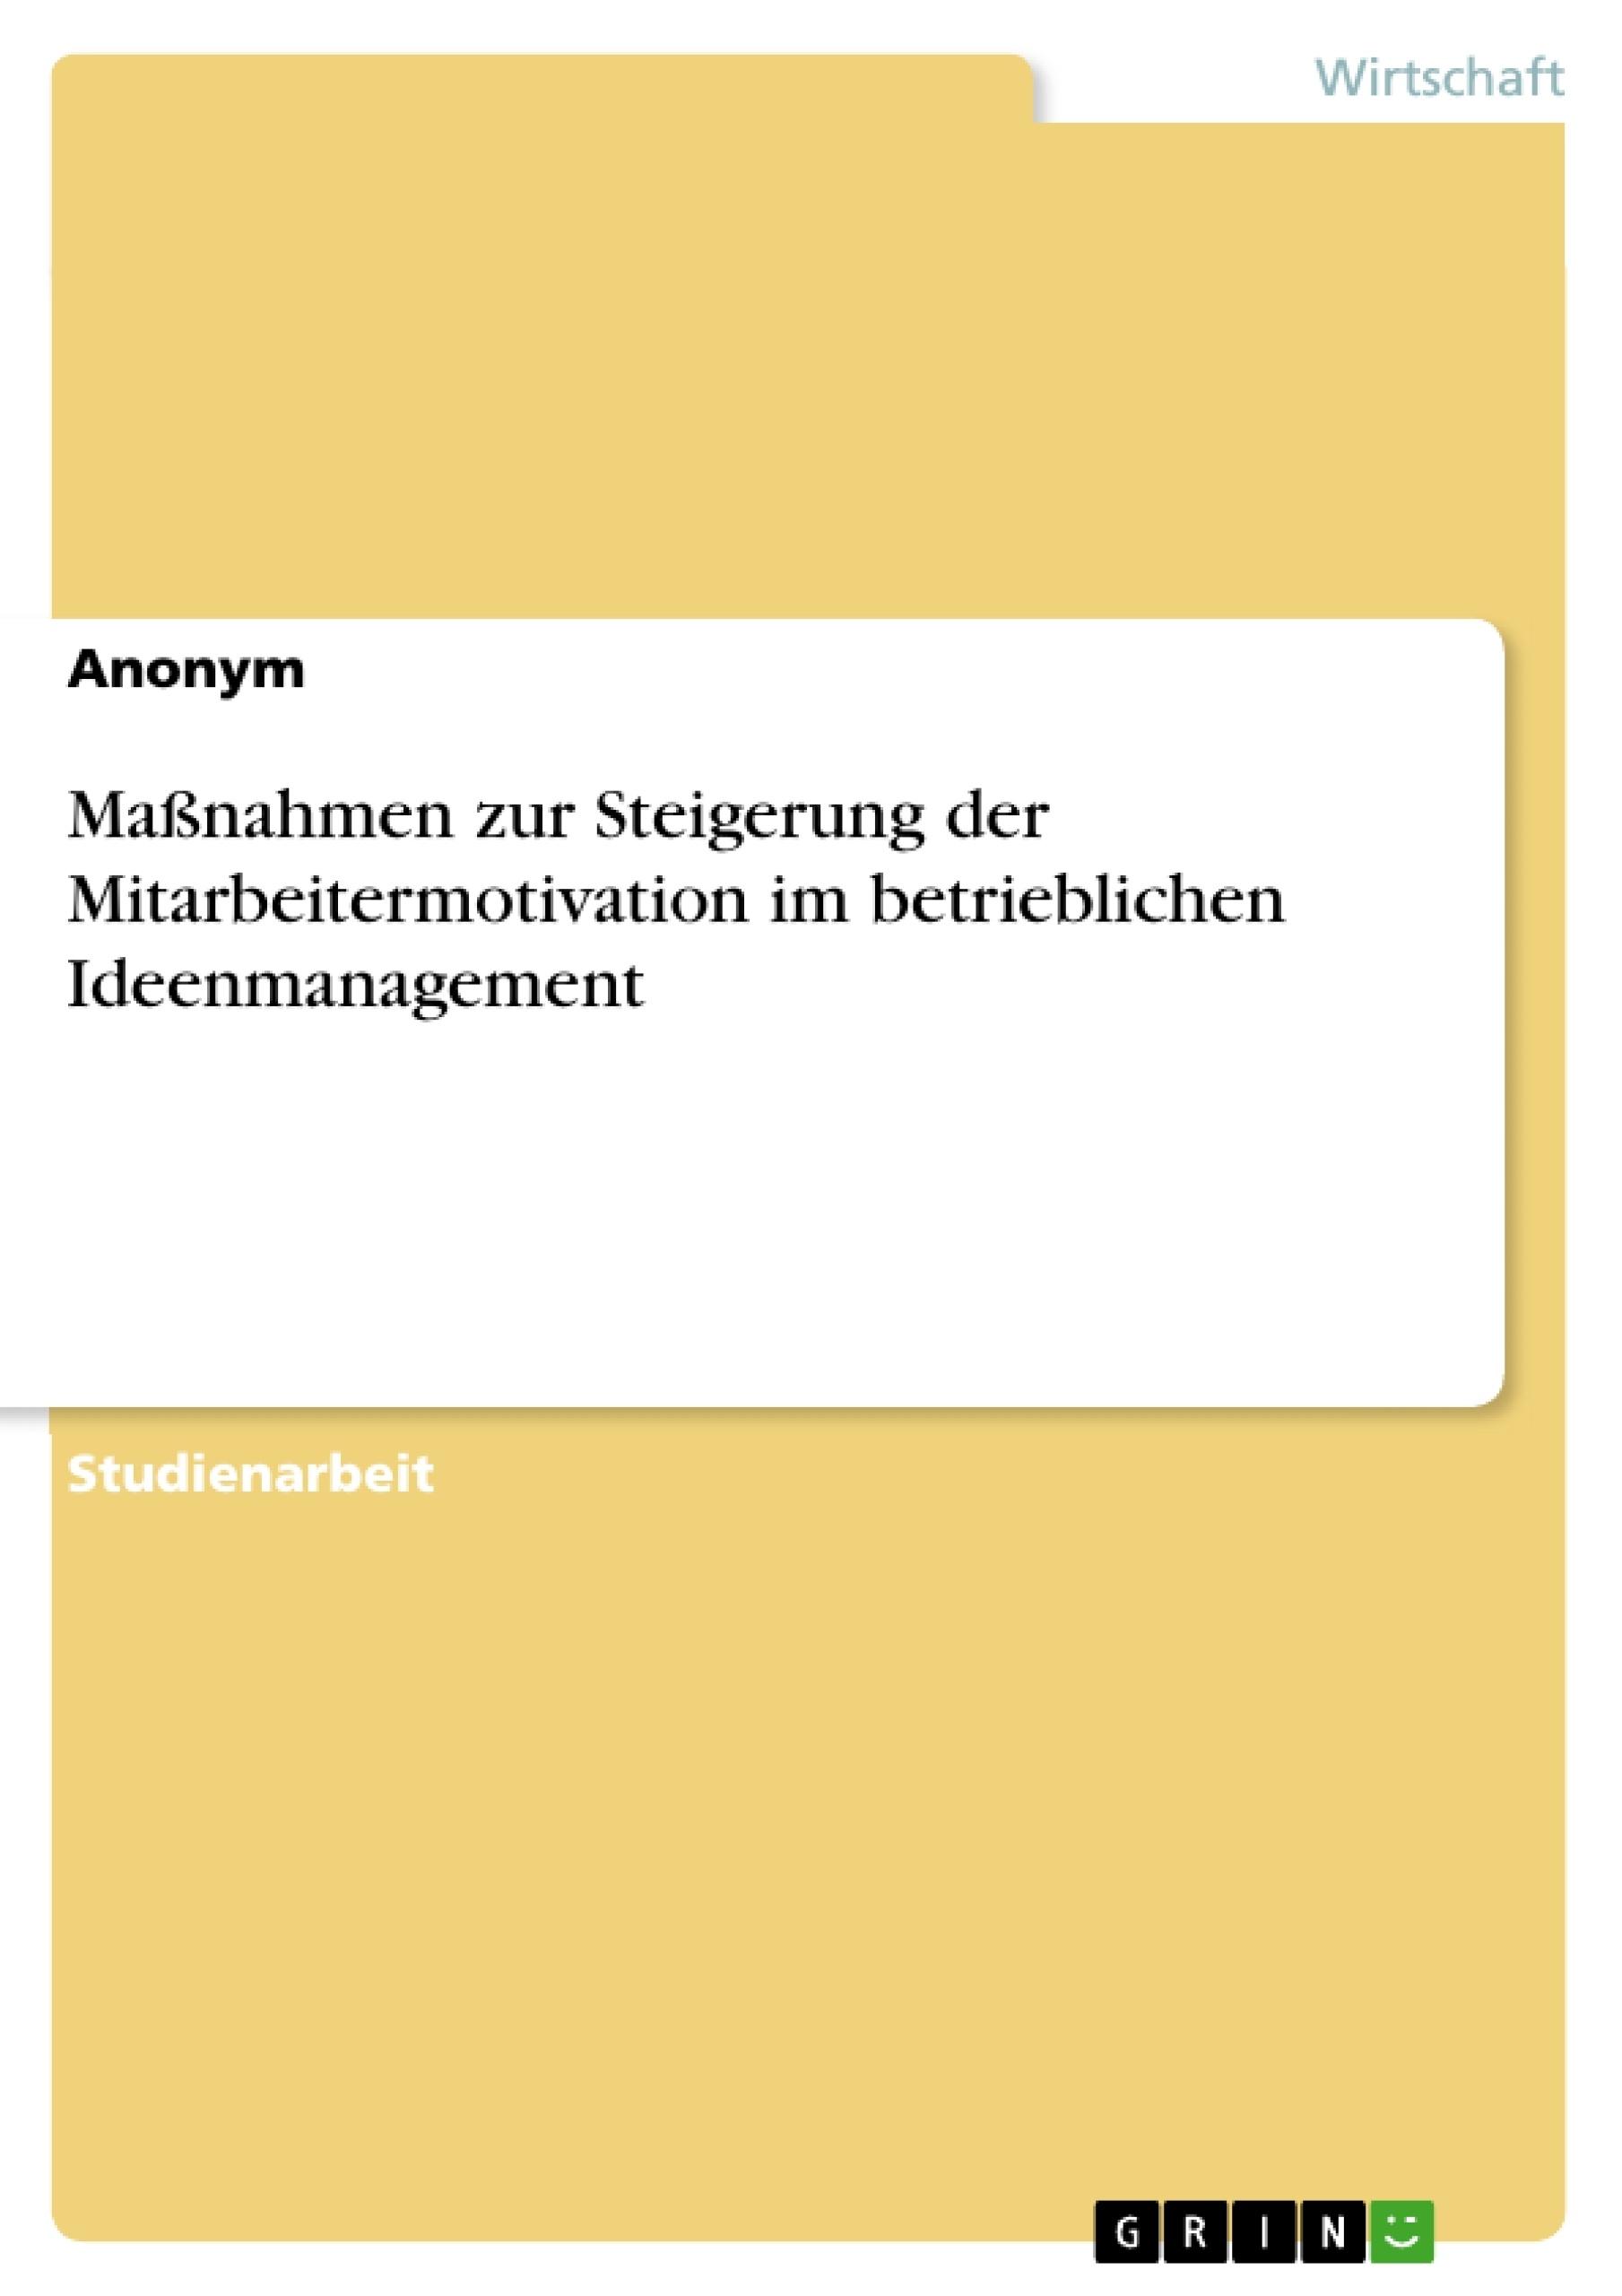 Titel: Maßnahmen zur Steigerung der Mitarbeitermotivation im betrieblichen Ideenmanagement